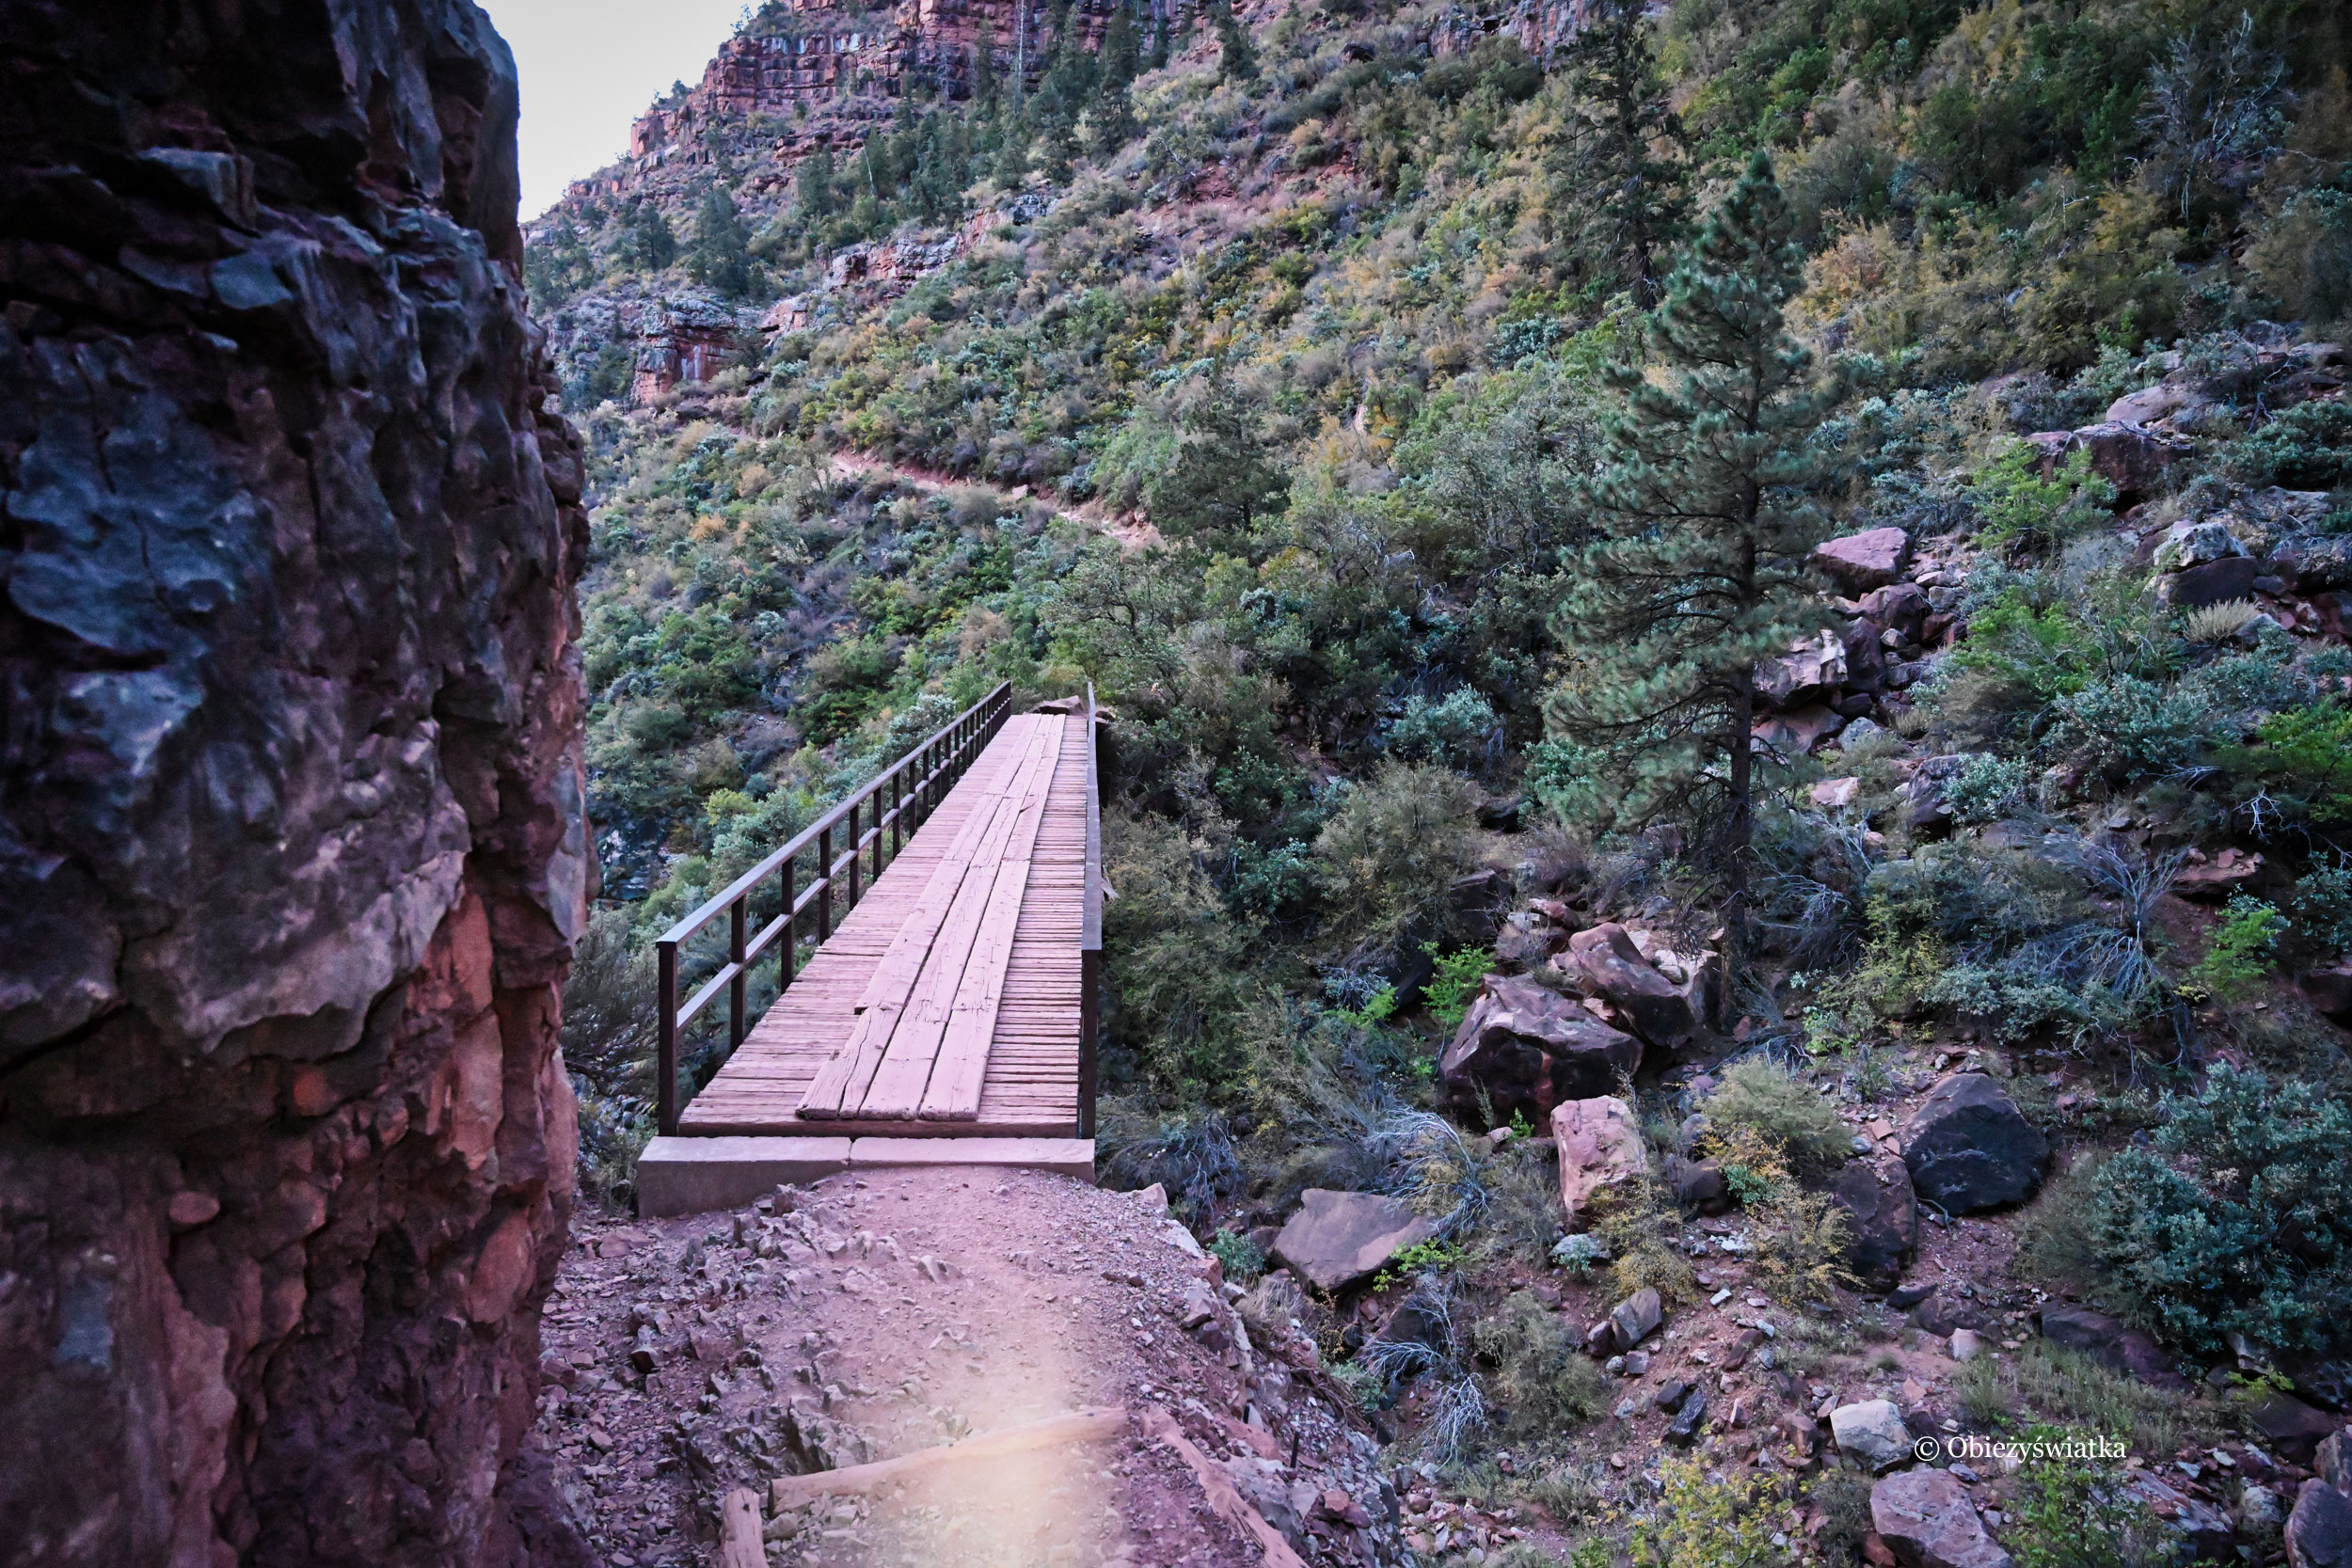 Mosty, mosty, mosty - na szlaku North Kaibab Trail jest ich bardzo dużo...